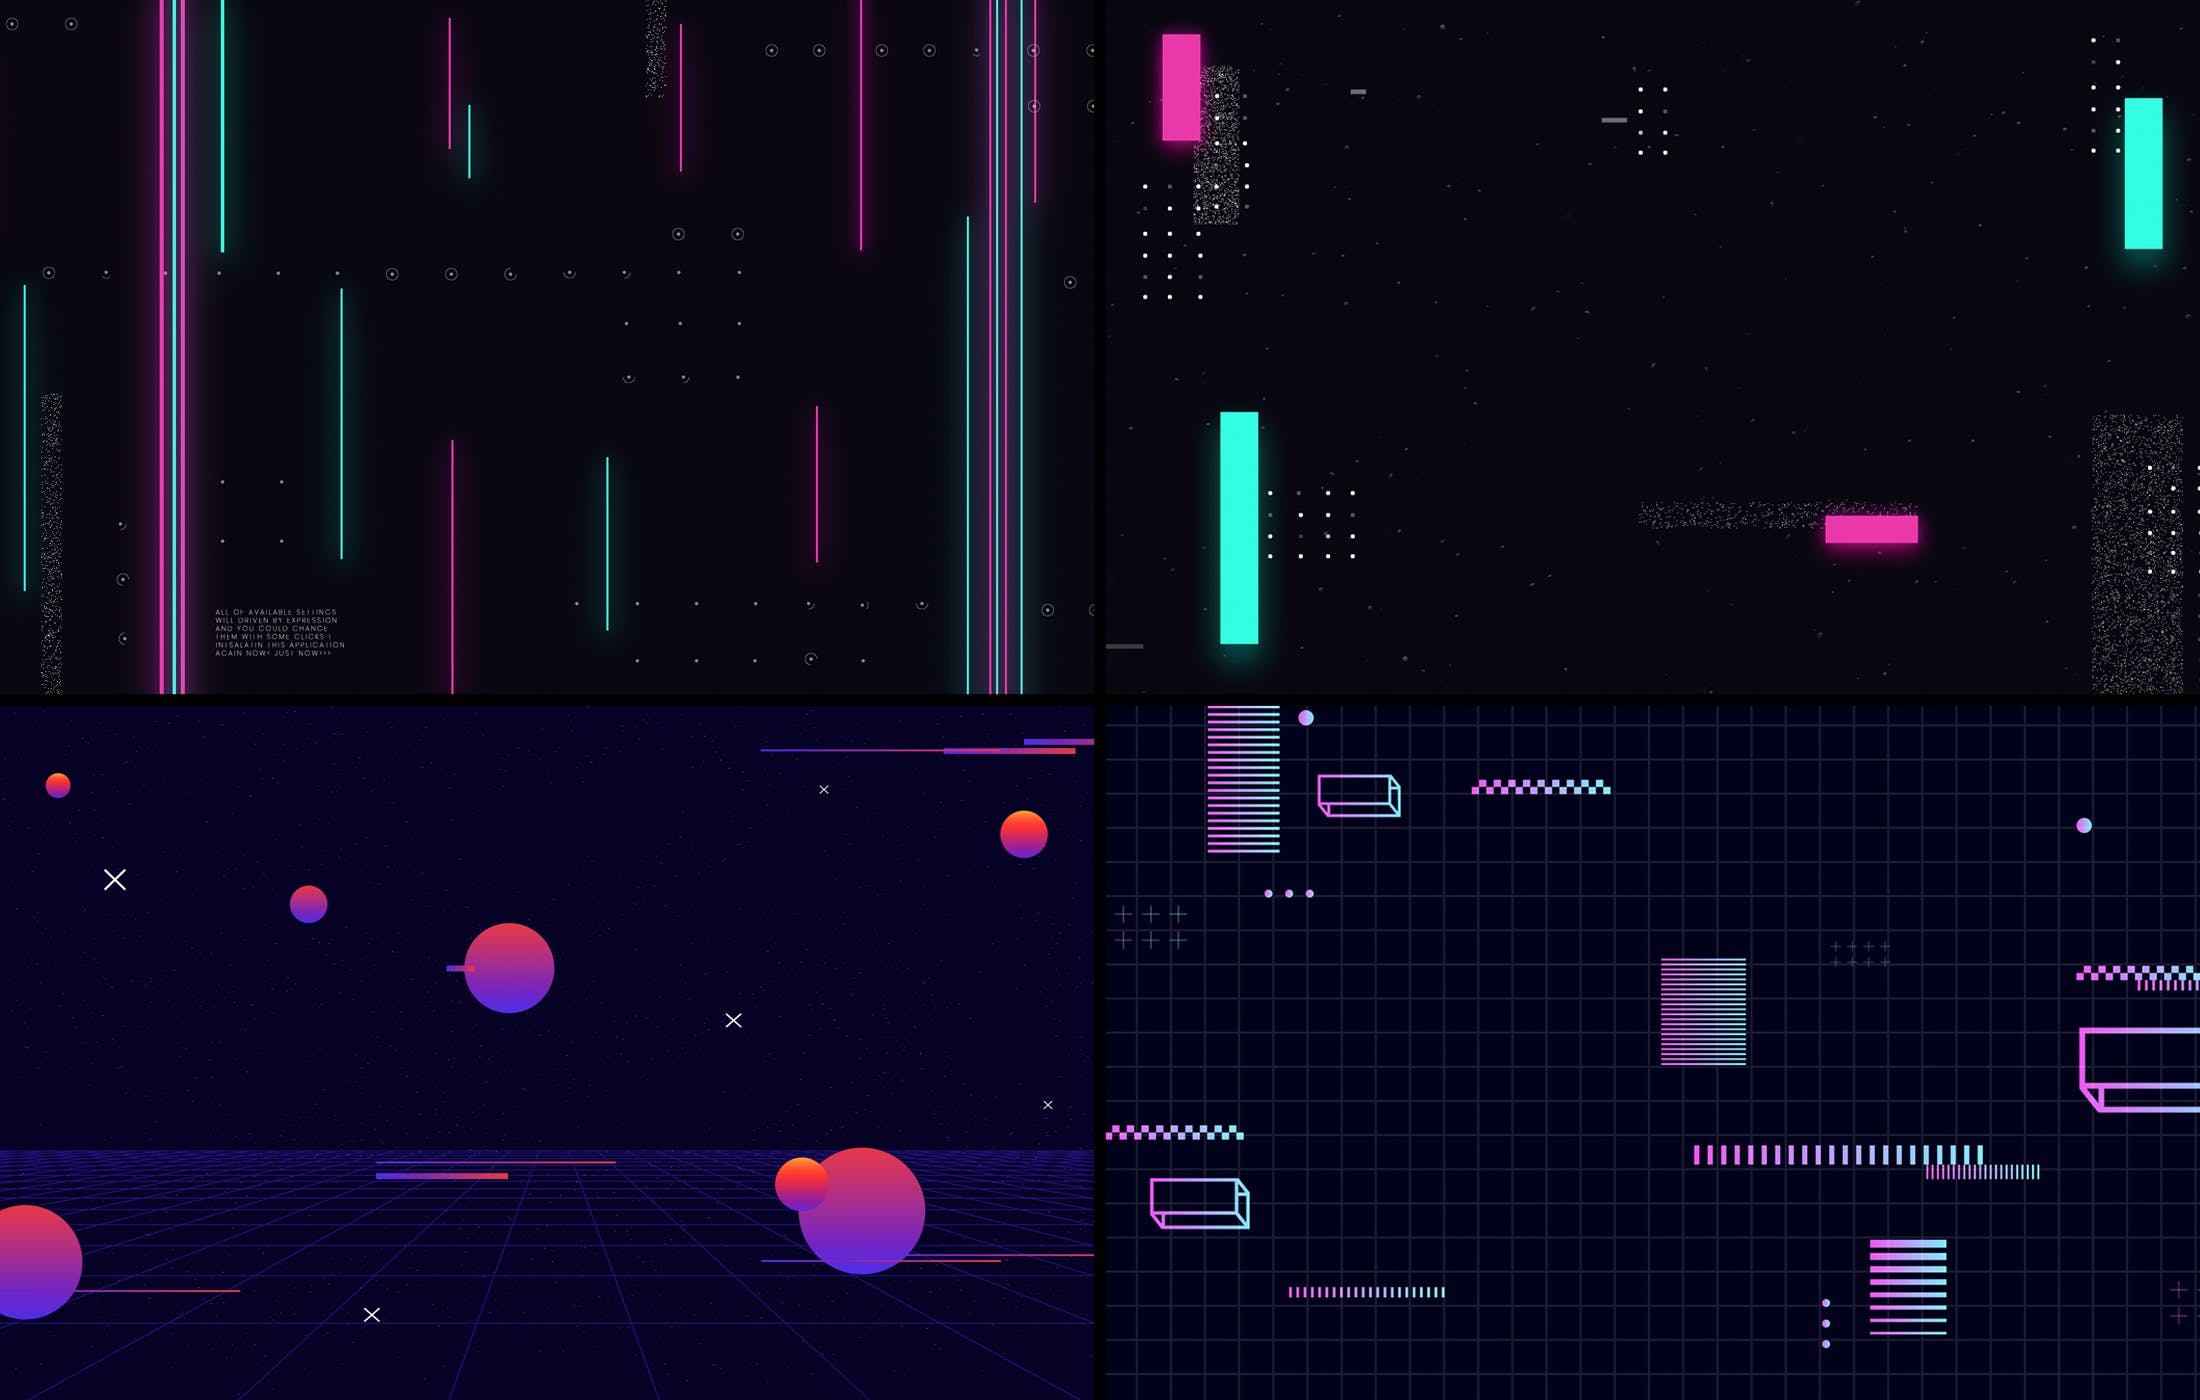 15款炫彩科幻未来潮流赛博朋克海报设计背景PS素材 Cyberpunk Backgrounds插图1